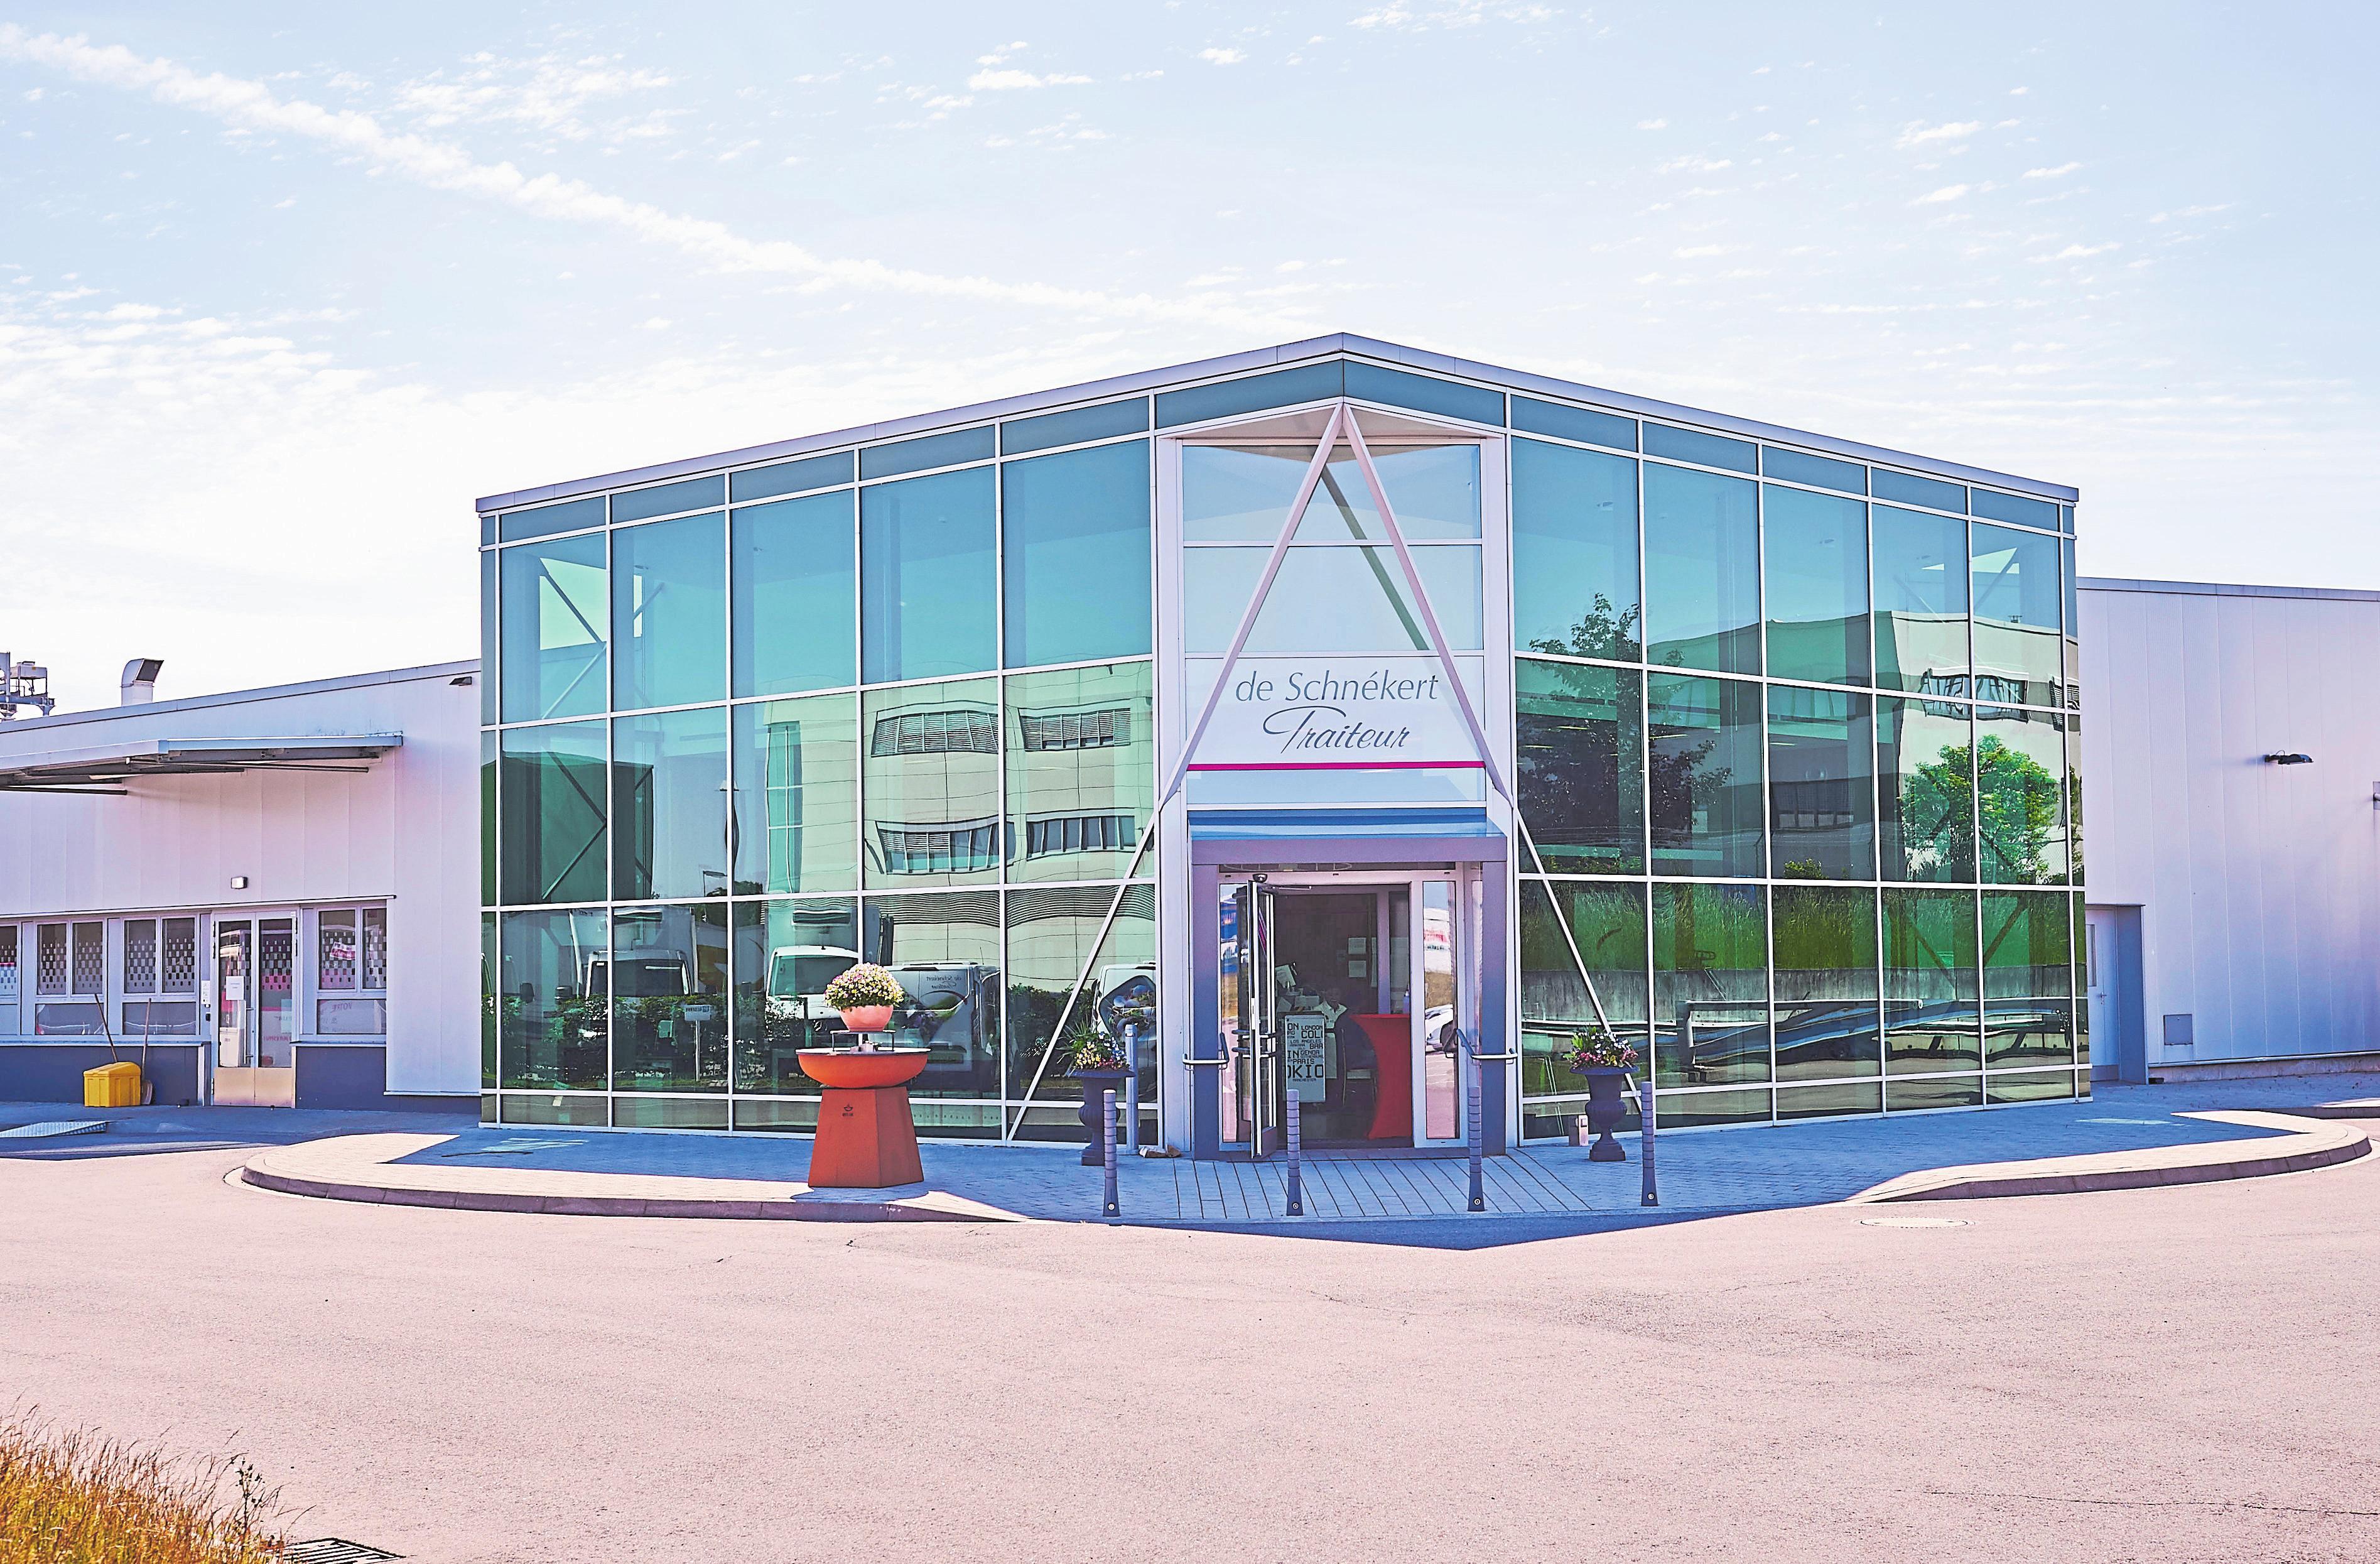 2009 wurden die Ateliers von de Schnékert Traiteur auf Windhof ausgebaut und modernisiert.